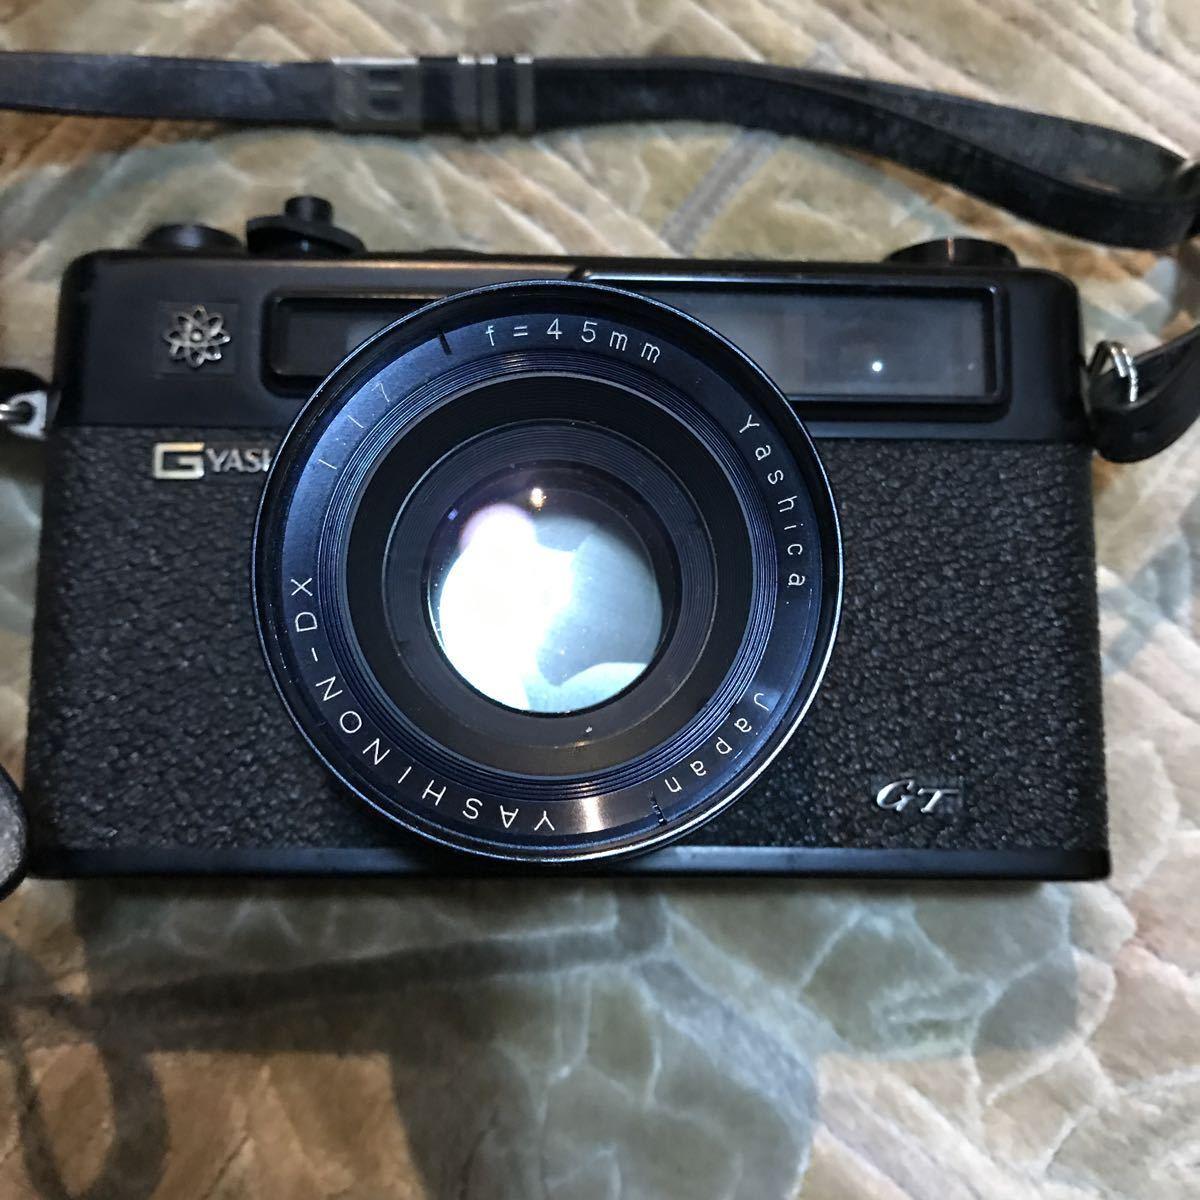 Yashica Electro 35 GT ブラック ヤシカ エレクトロ 35 レンジファインダー 一眼レフ フィルムカメラ_画像3